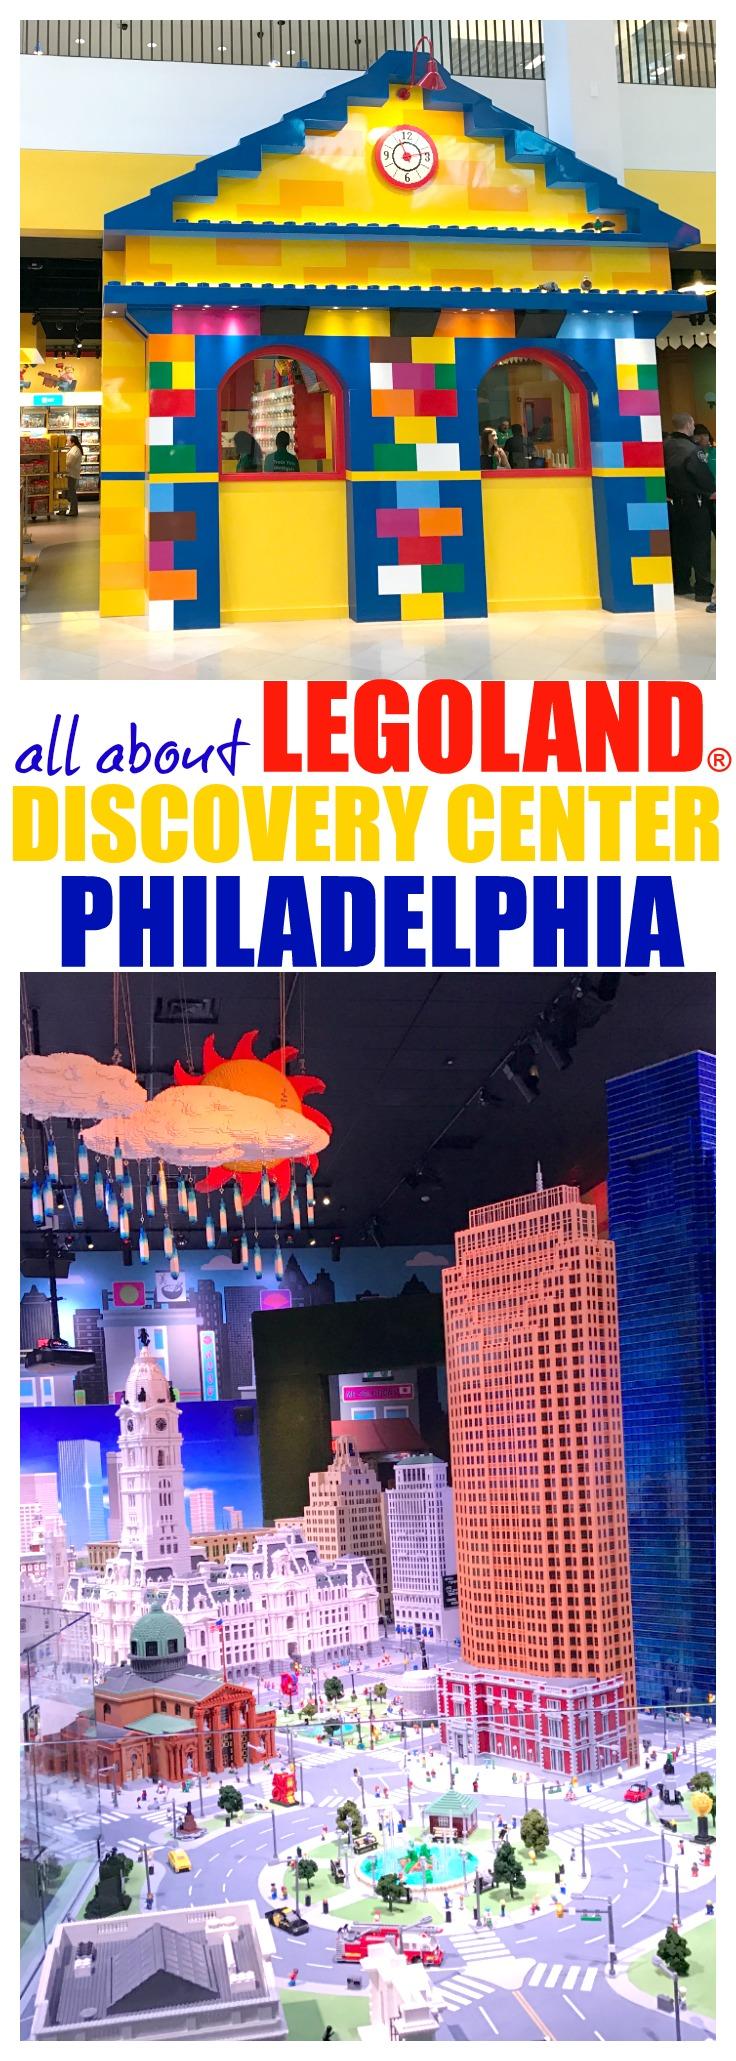 LEGOLAND® Discovery Center Philadelphia